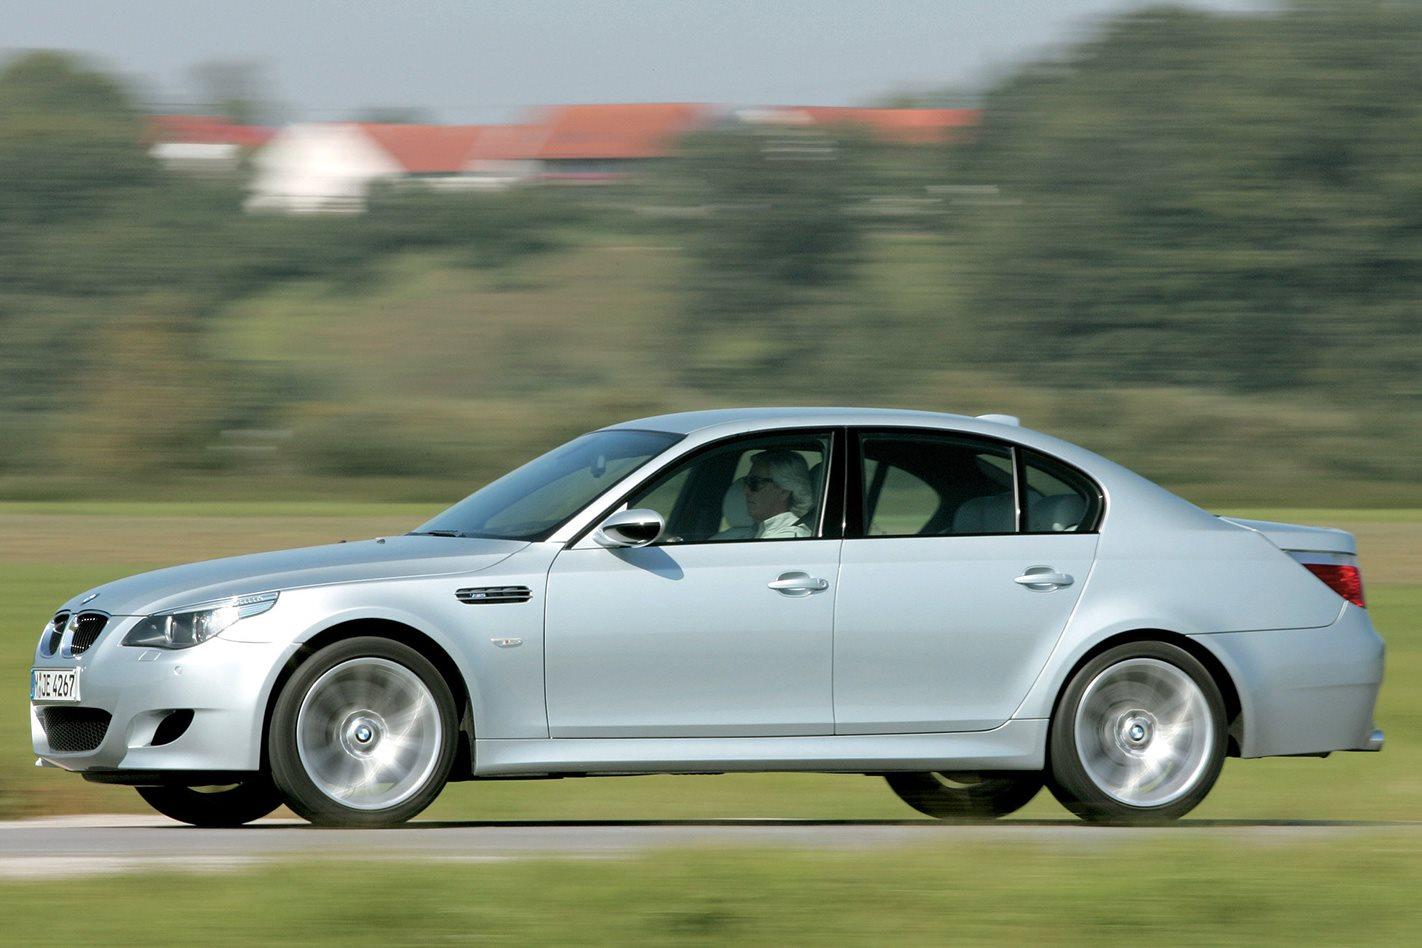 2005 E60 BMW M5 drive